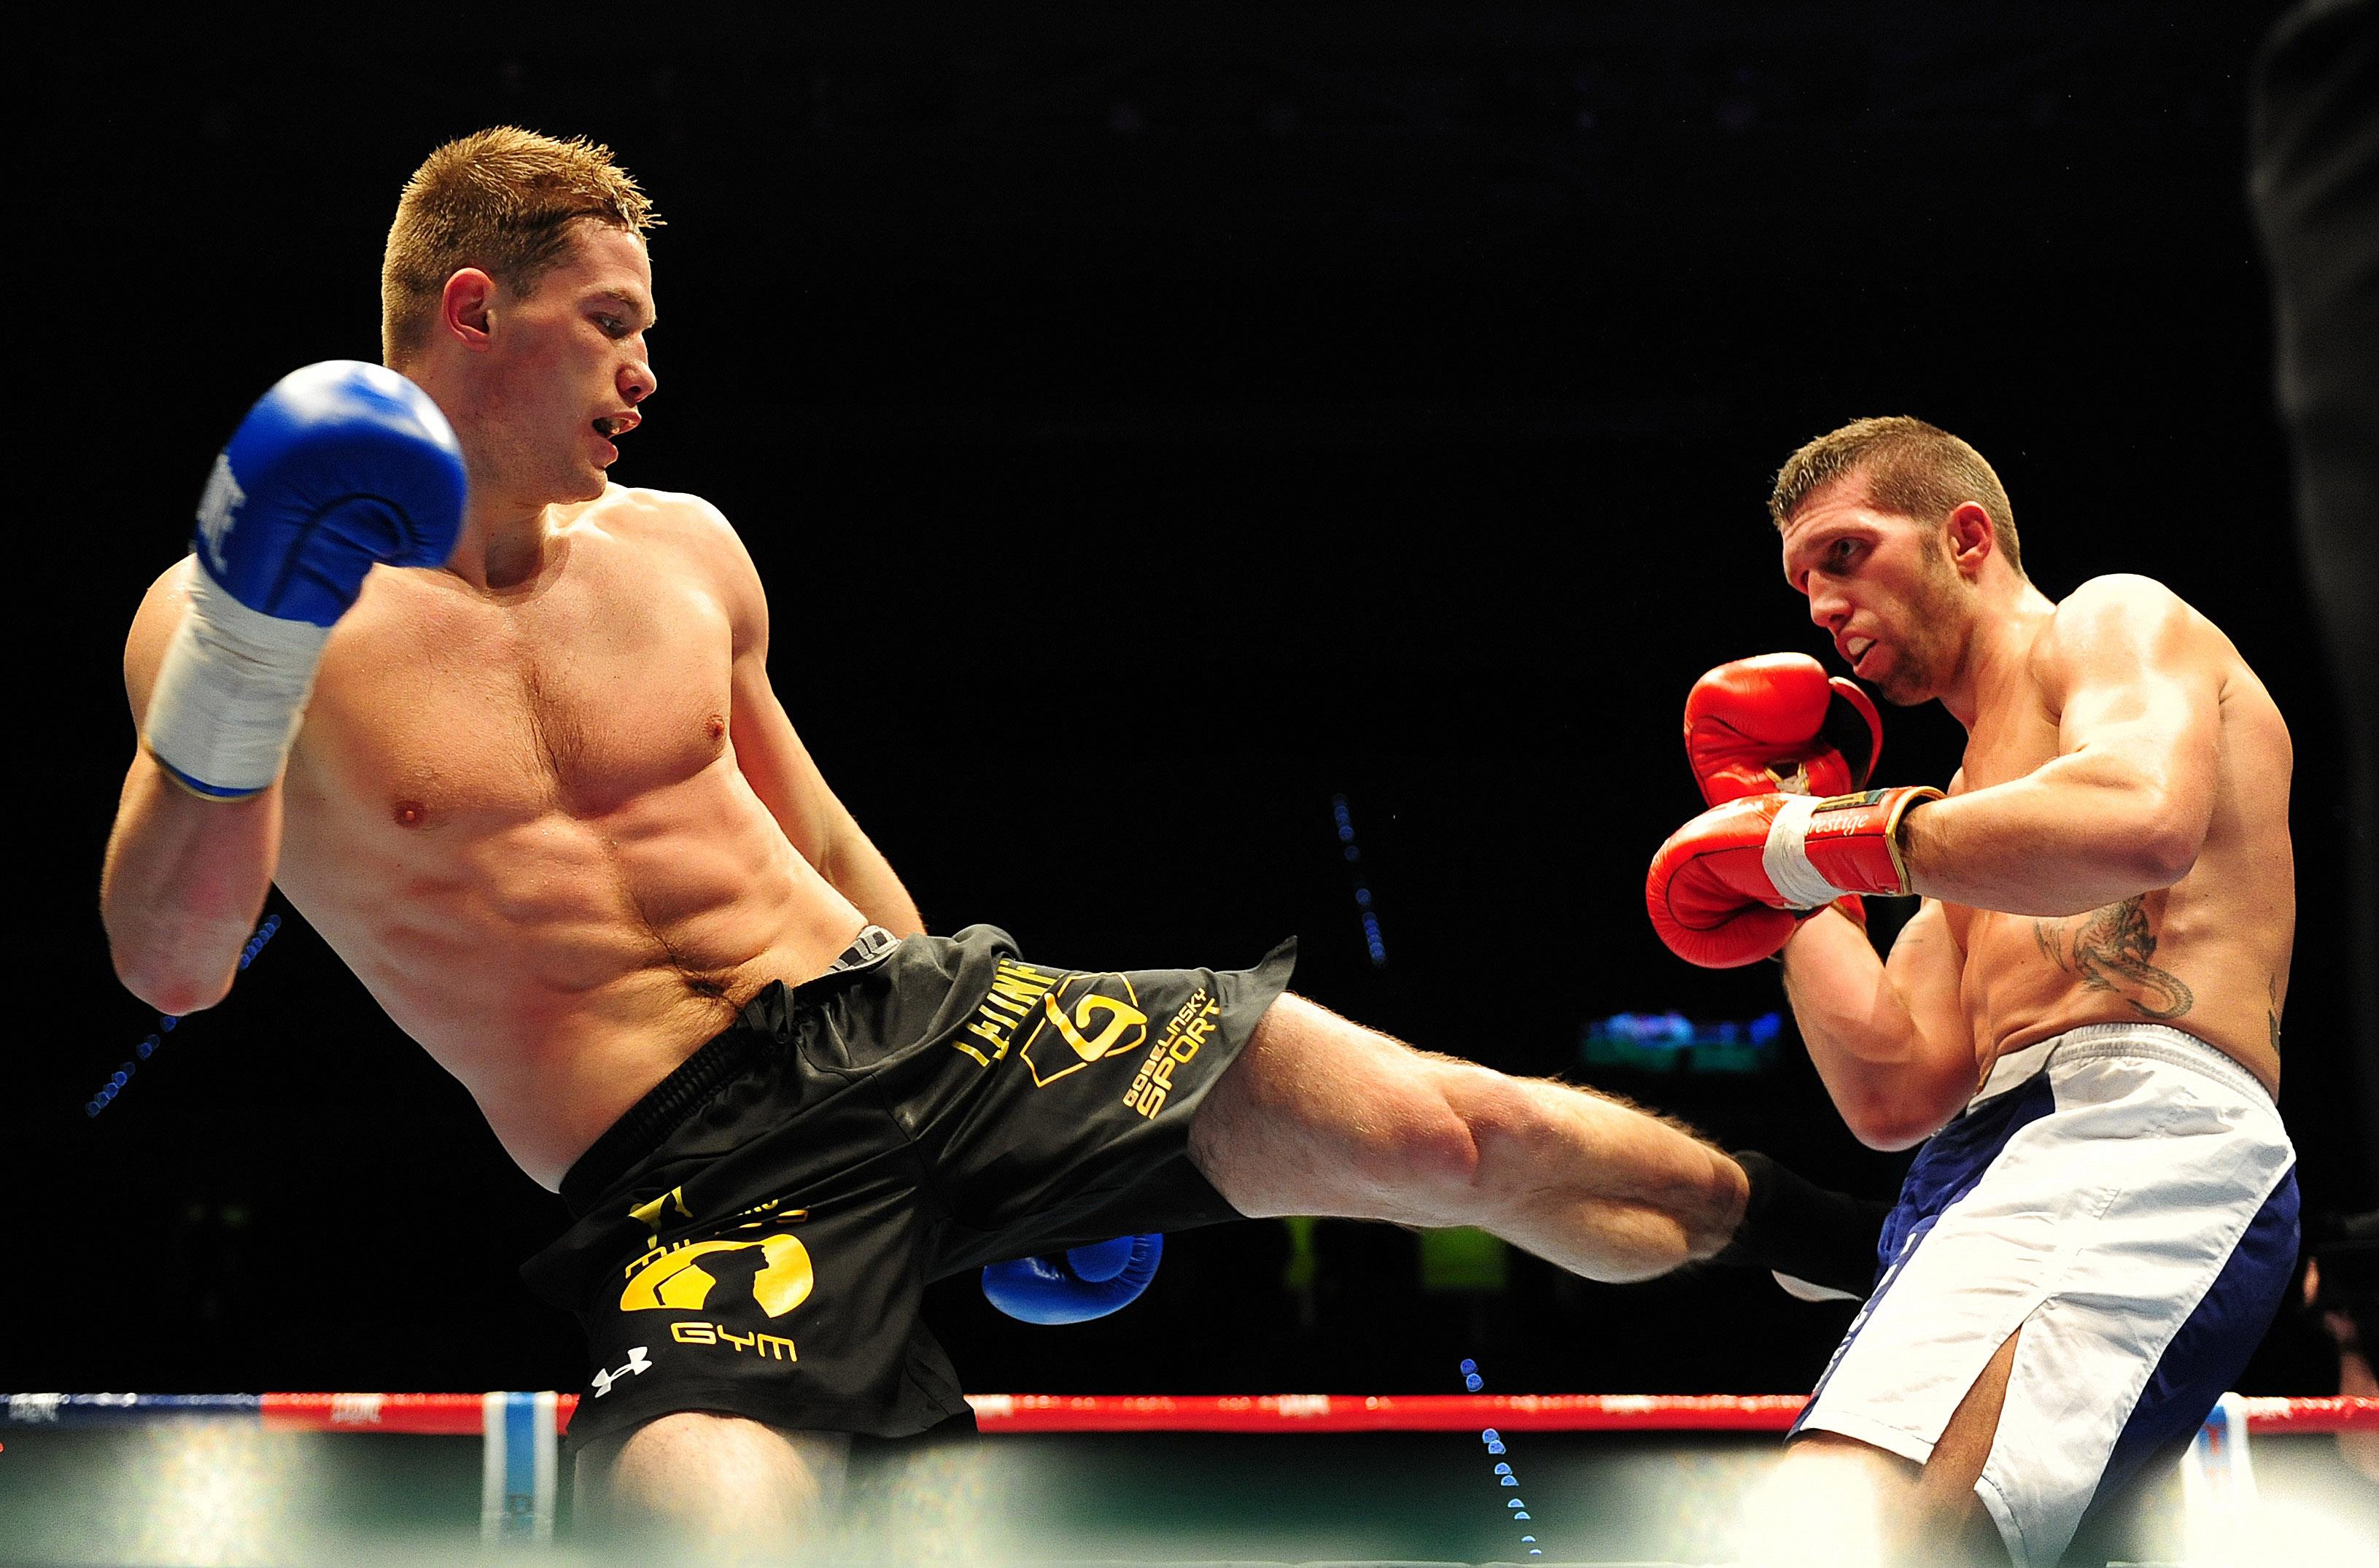 Boxe. Dal carcere al ring, la rivincita di Salvio Di Grazia